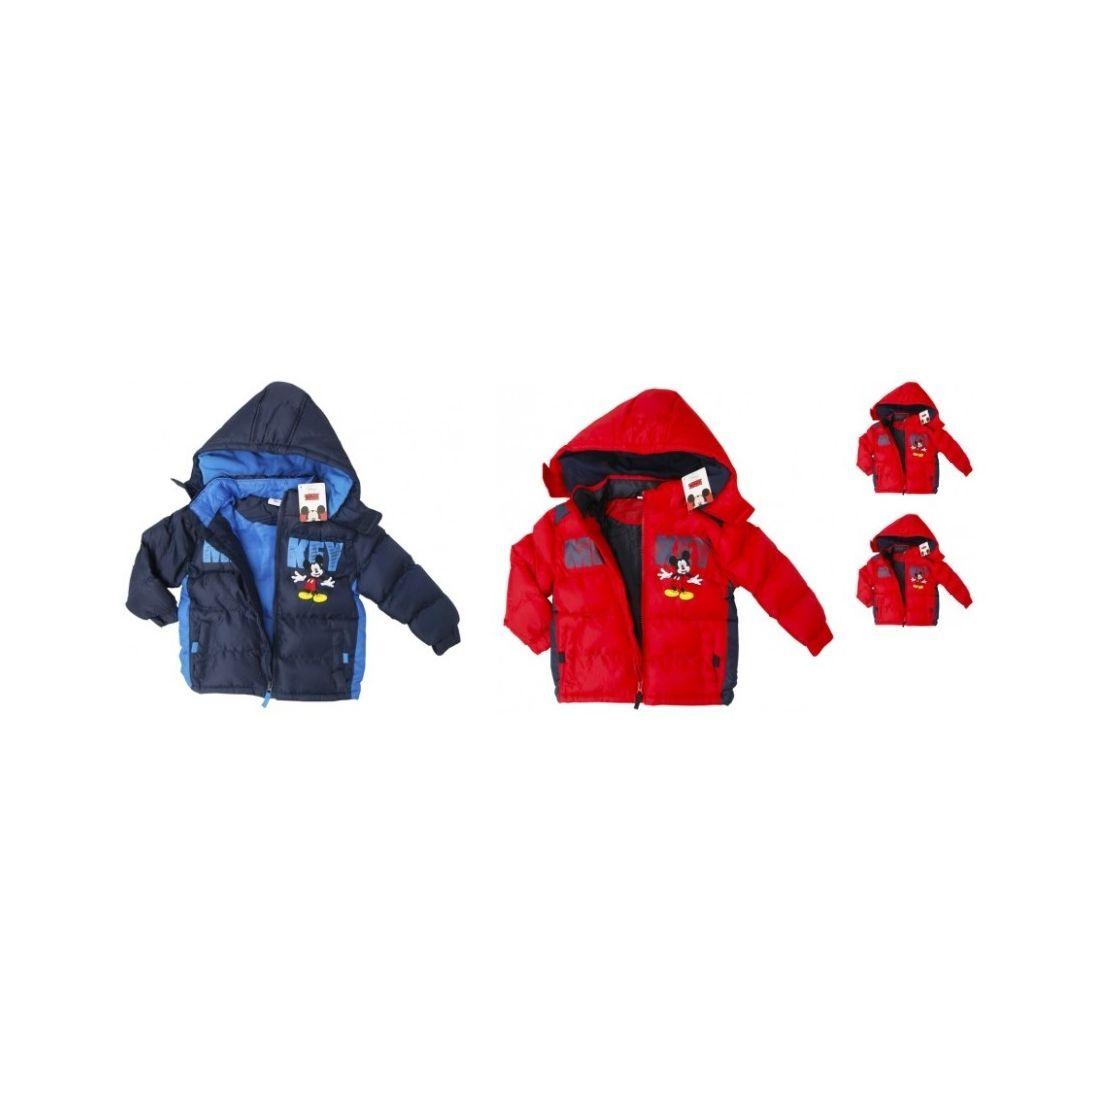 6e31976a8d22 Dárky od Nikolky - Dětské oblečení - skladem - Mickey Mouse - Zimní ...